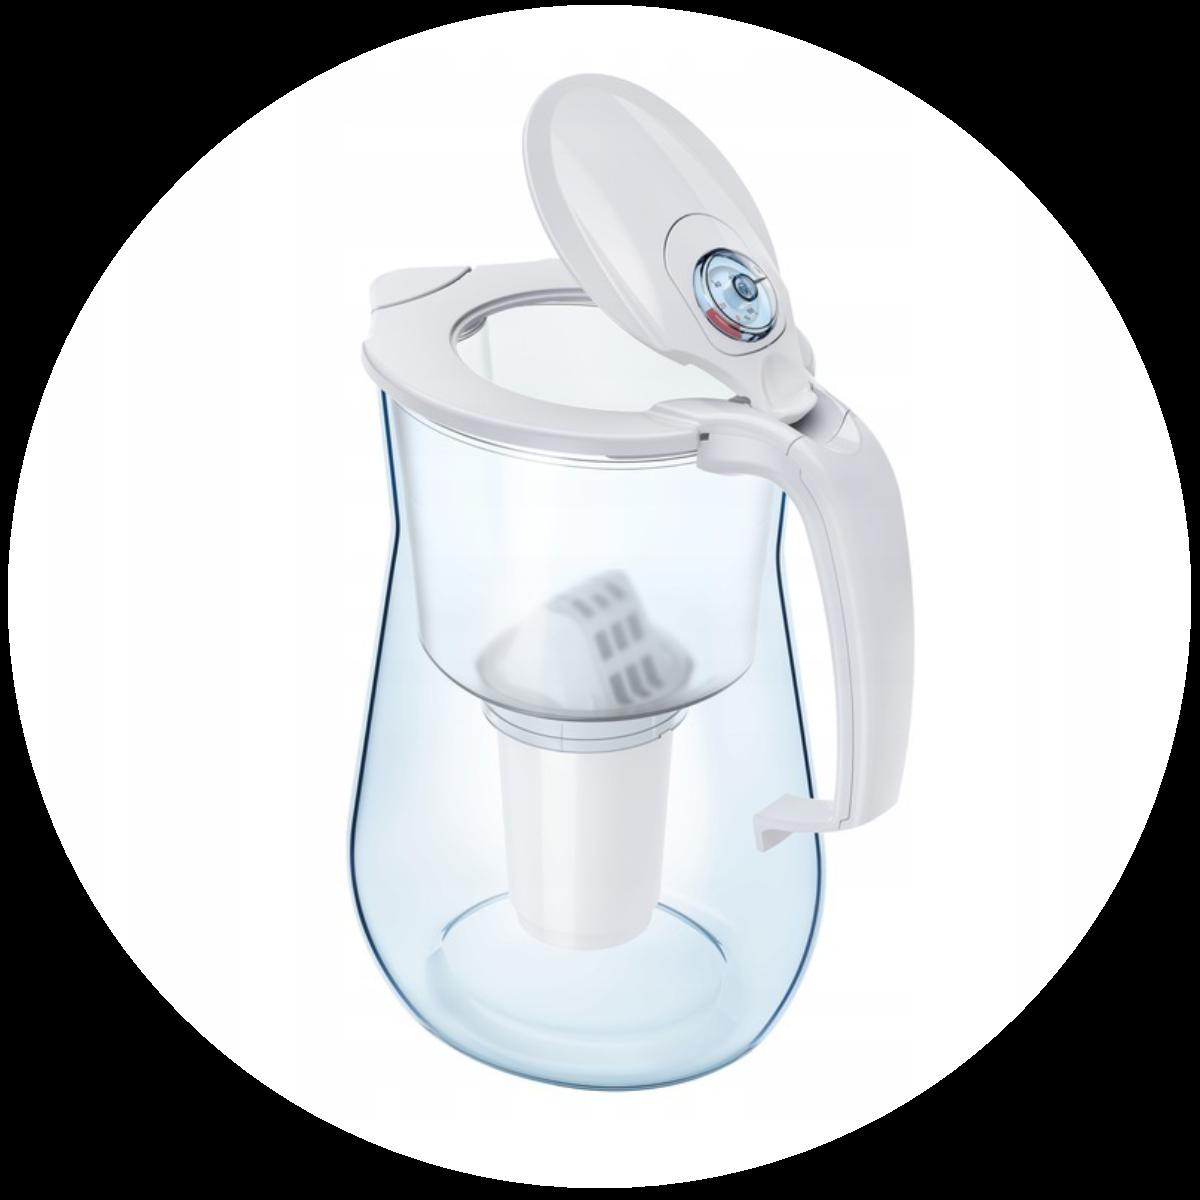 Aquaphor Provence (biały) dzbanek filtrujący - pokrywka